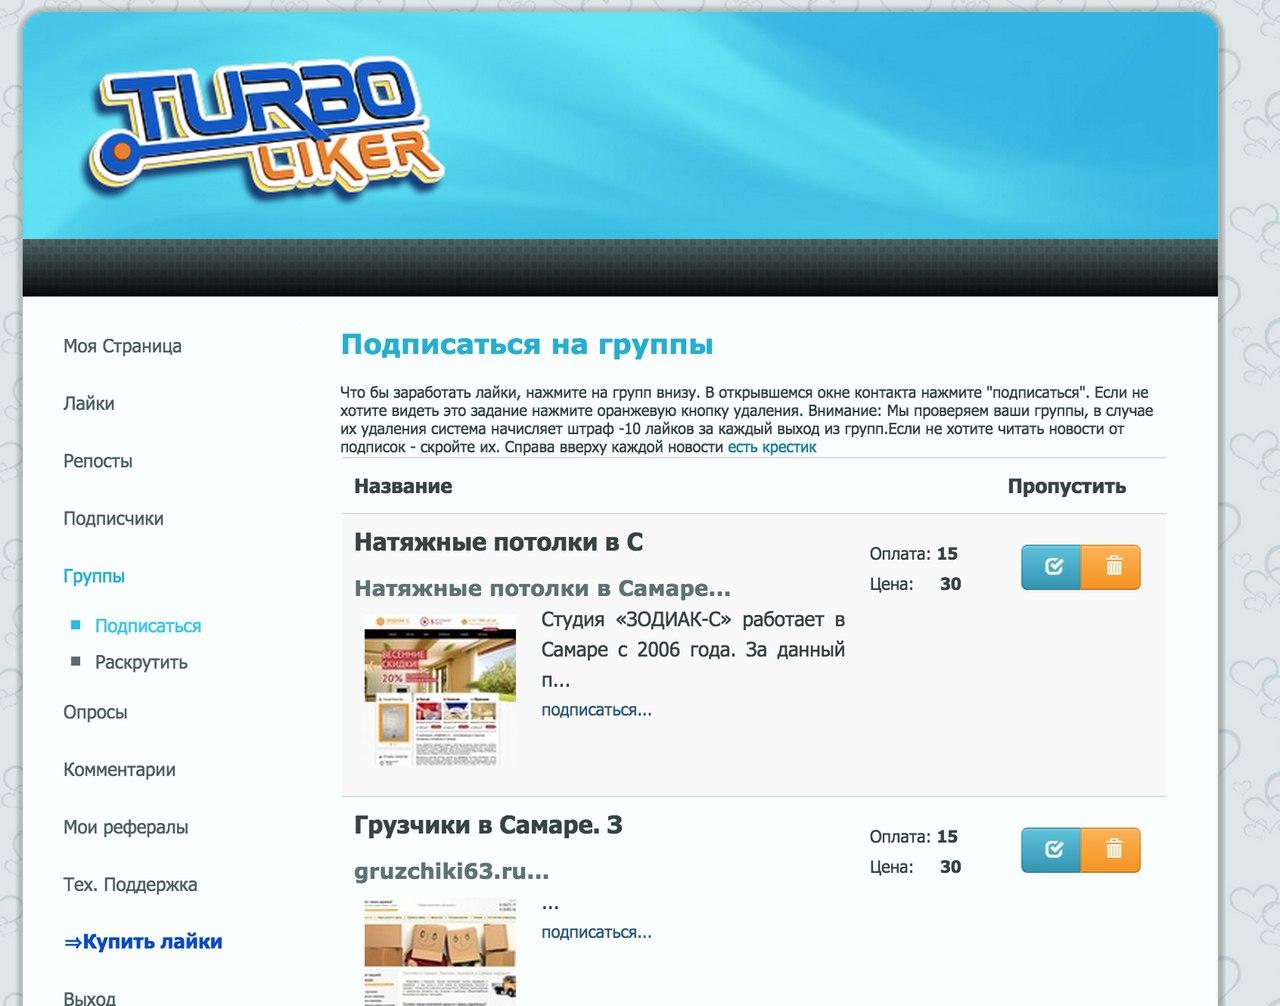 Z2PPc-S9RkQ.jpg